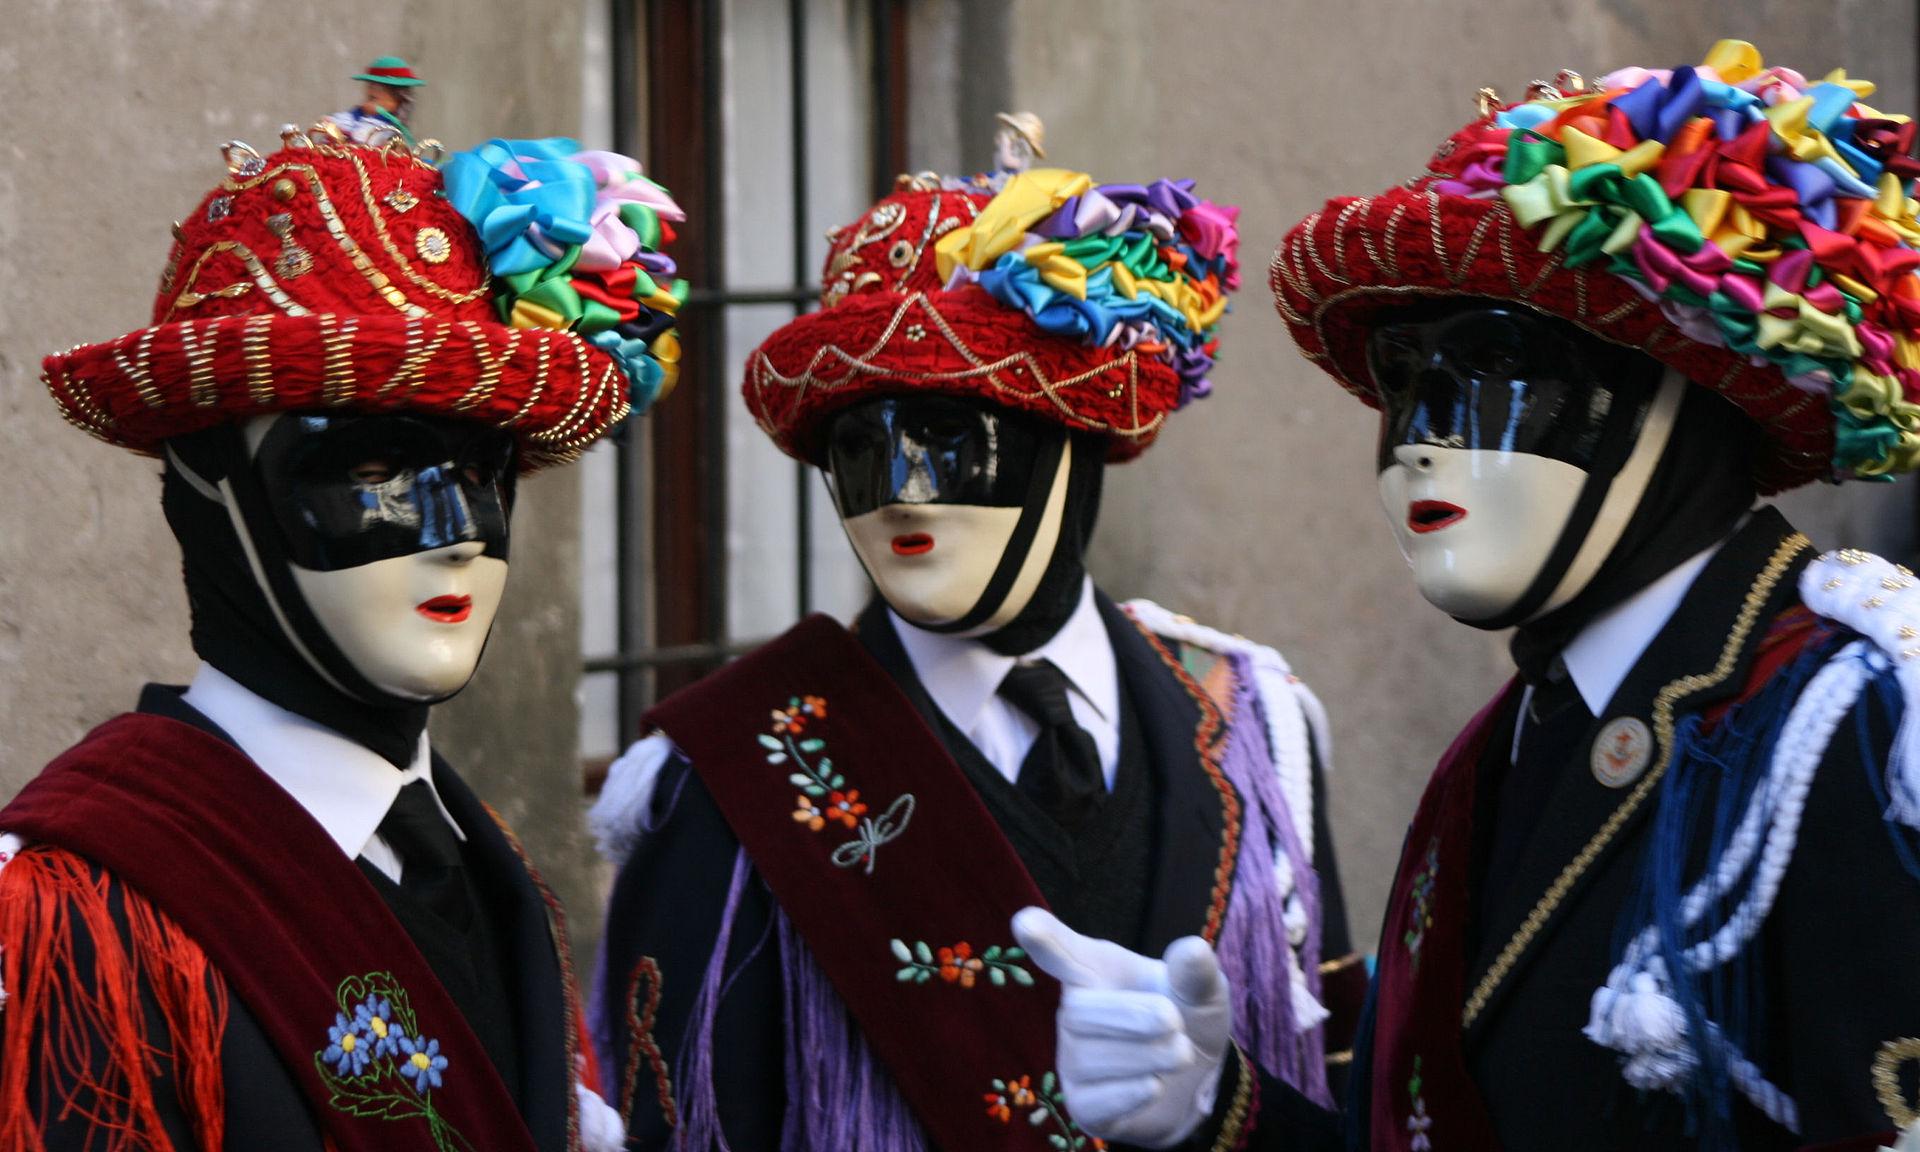 Il Carnevale Bagosso a Bagolino con le tipiche maschere